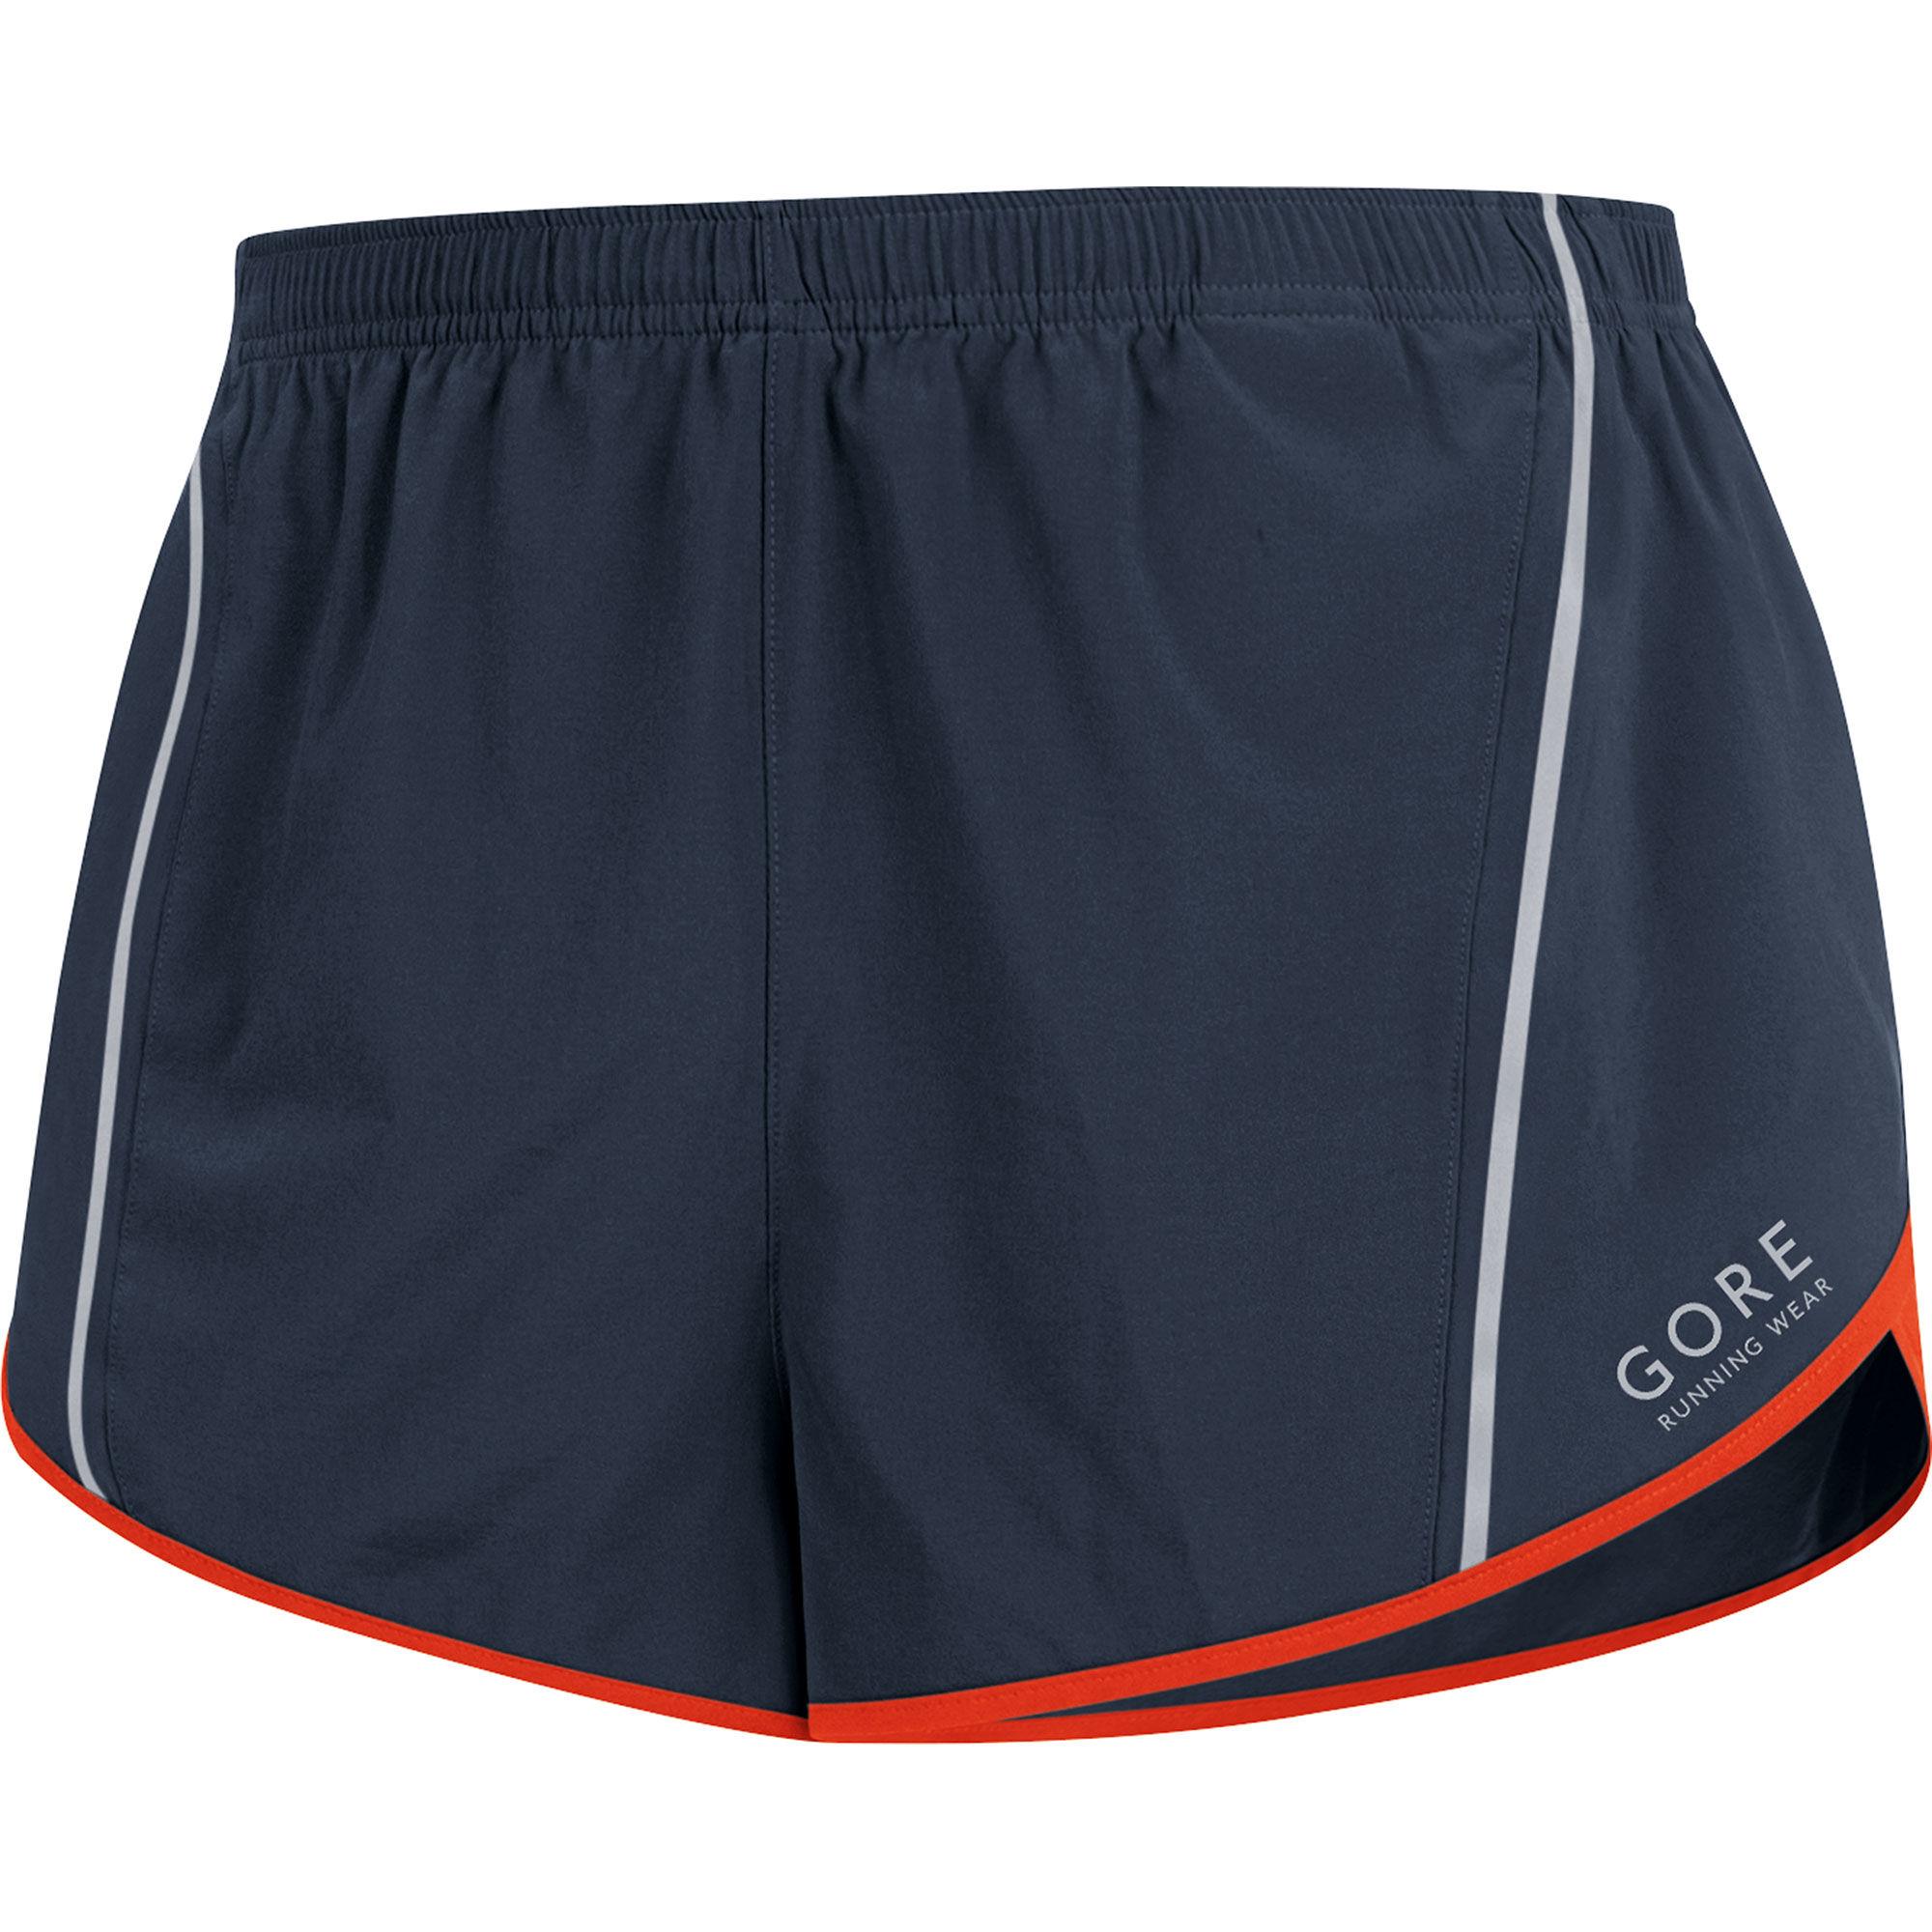 Gore Mythos 3.0 Split Shorts in Schwarz Orange